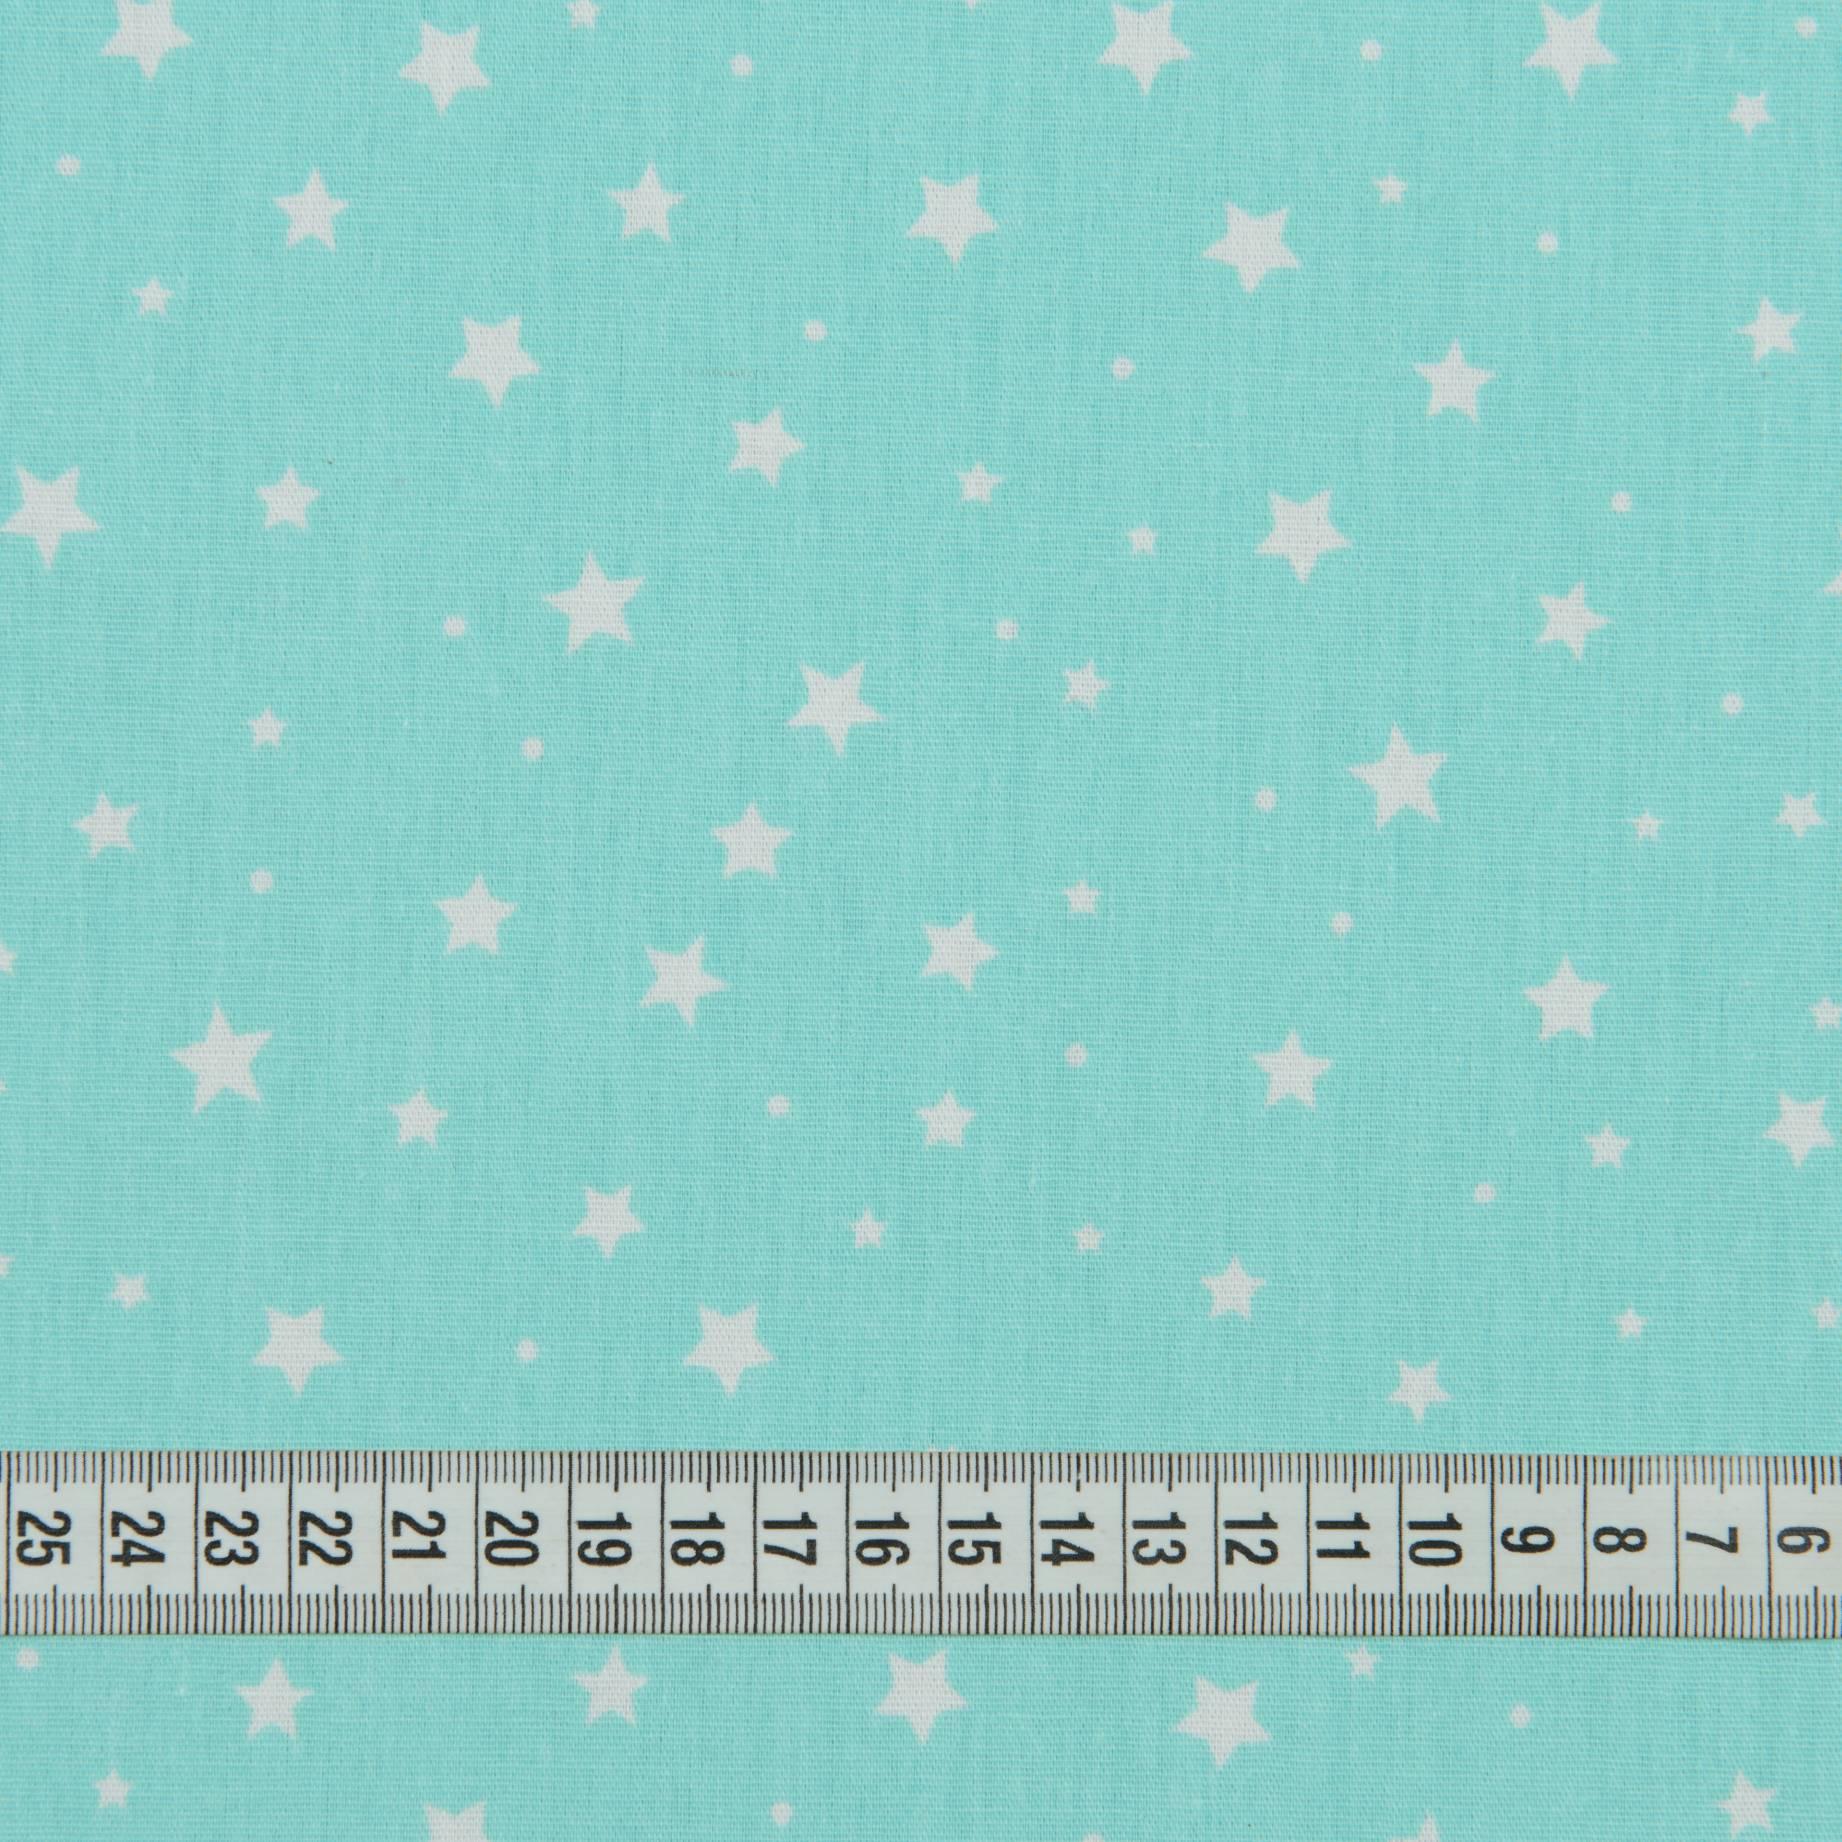 Бязь набивная, Звезды, бирюзовый, 100% хлопок, 140 г/м2, 50х50 см